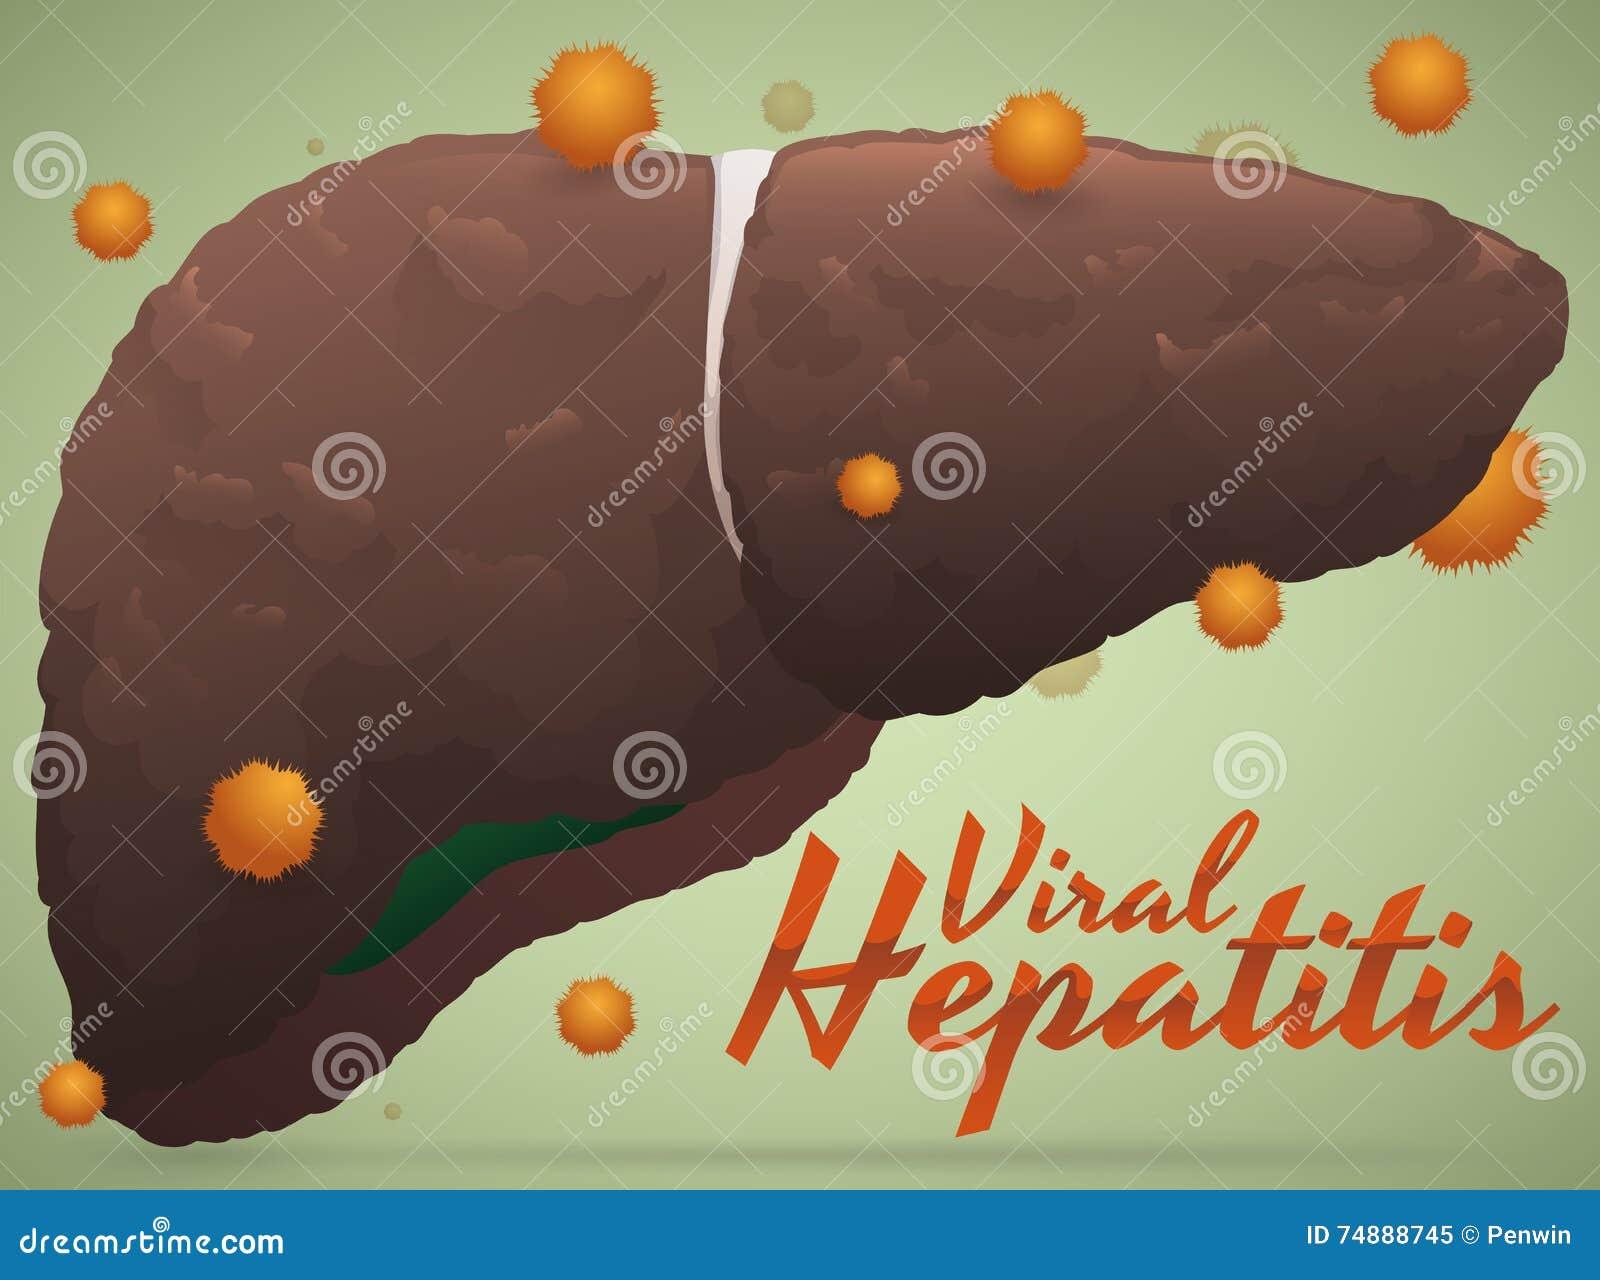 Risultato malato del fegato di epatite virale con il virus intorno, illustrazione di vettore